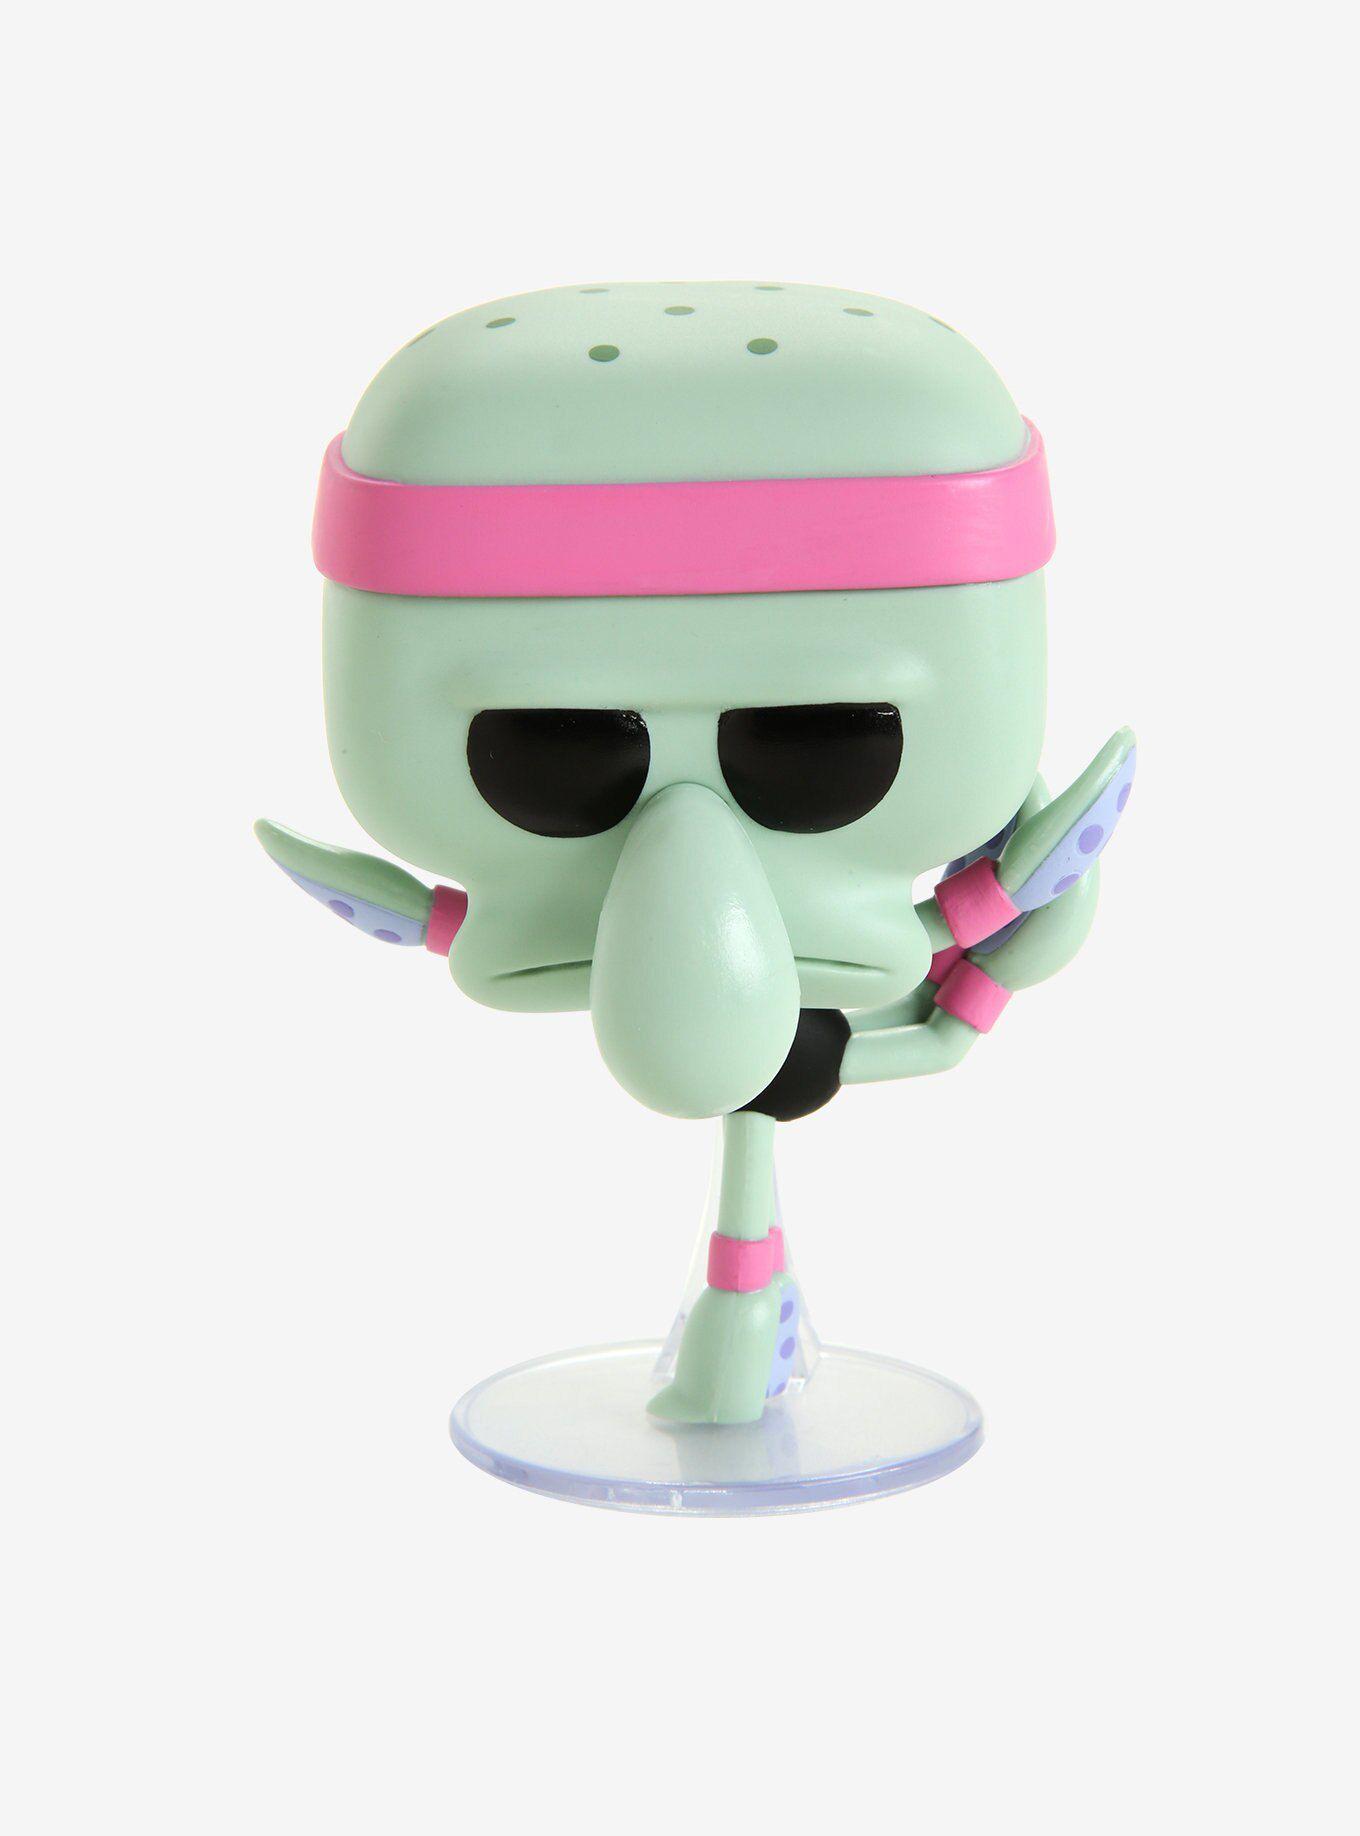 Squidward Tentacles #560 ( Lula Molúsculo ) - Spongebob Squarepants ( Bob Esponja Calça Quadrada ) - Funko Pop!